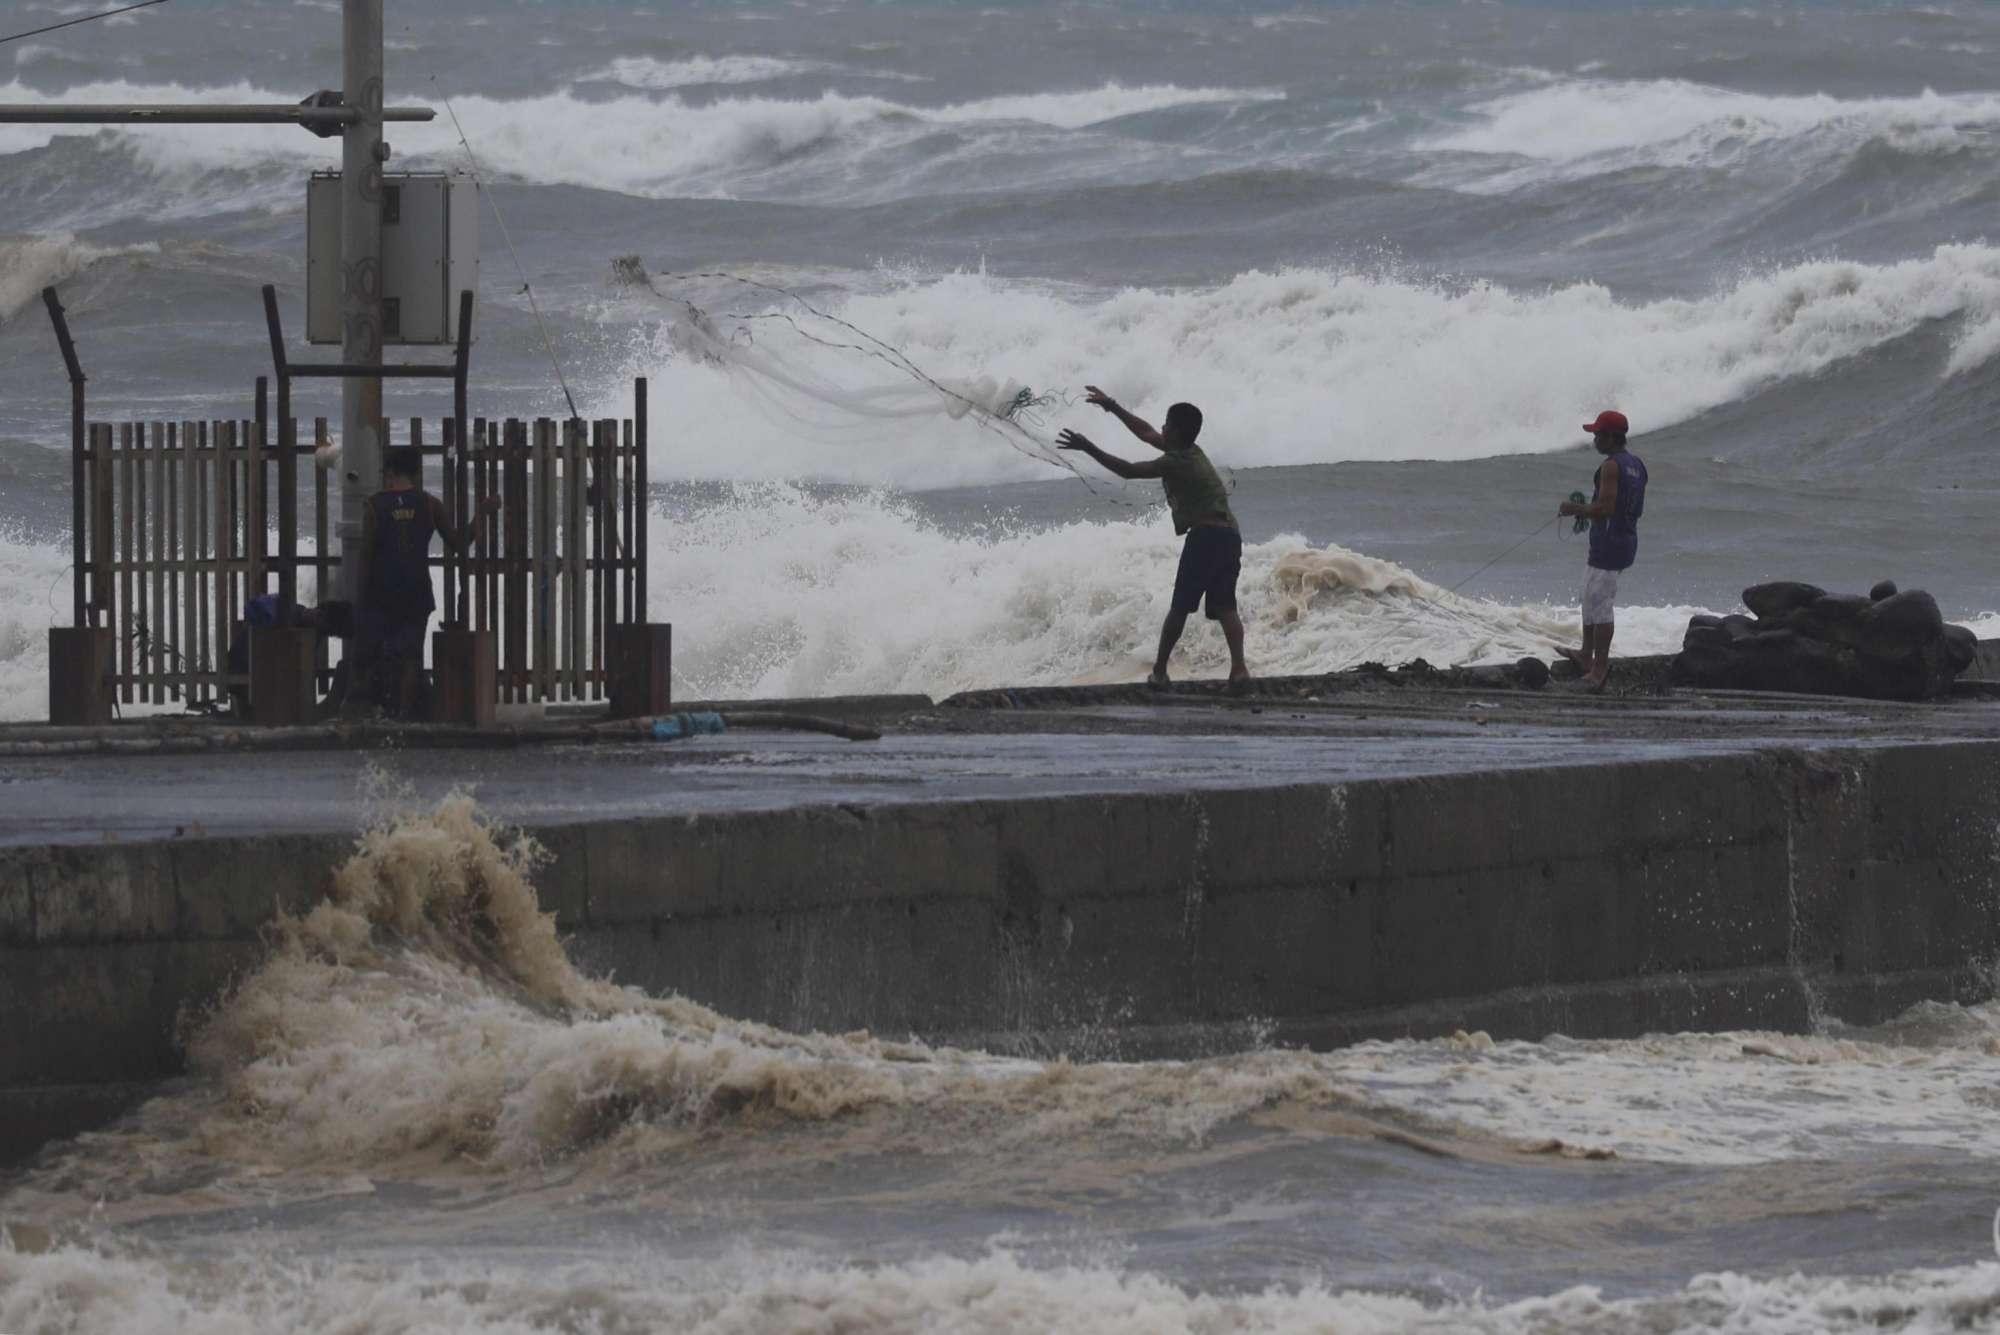 Filippine, migliaia di persone in fuga per l'arrivo del super tifone Mangkhut